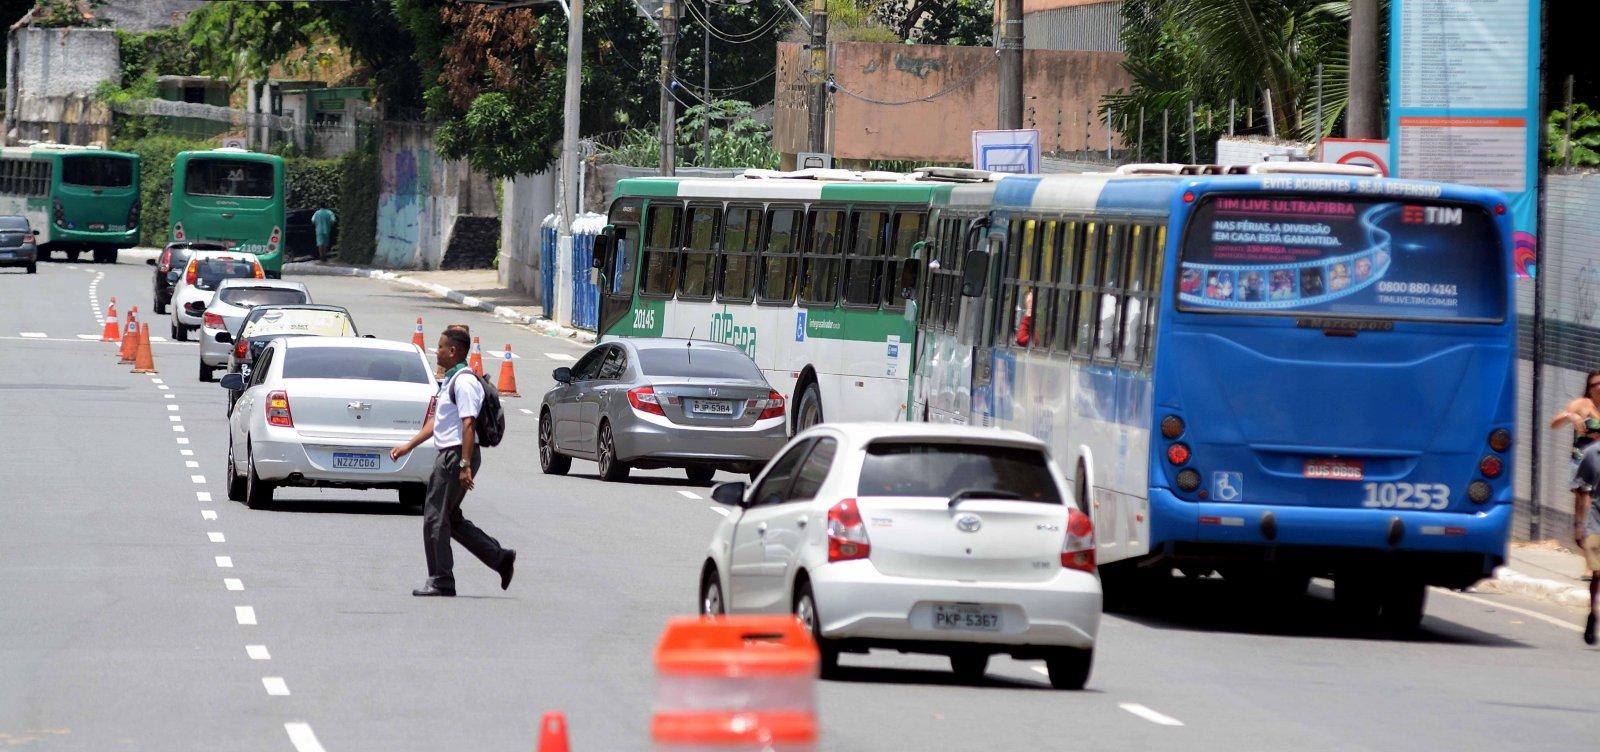 [Quinta-feira de Carnaval tem trânsito menos congestionado do que em 2019]